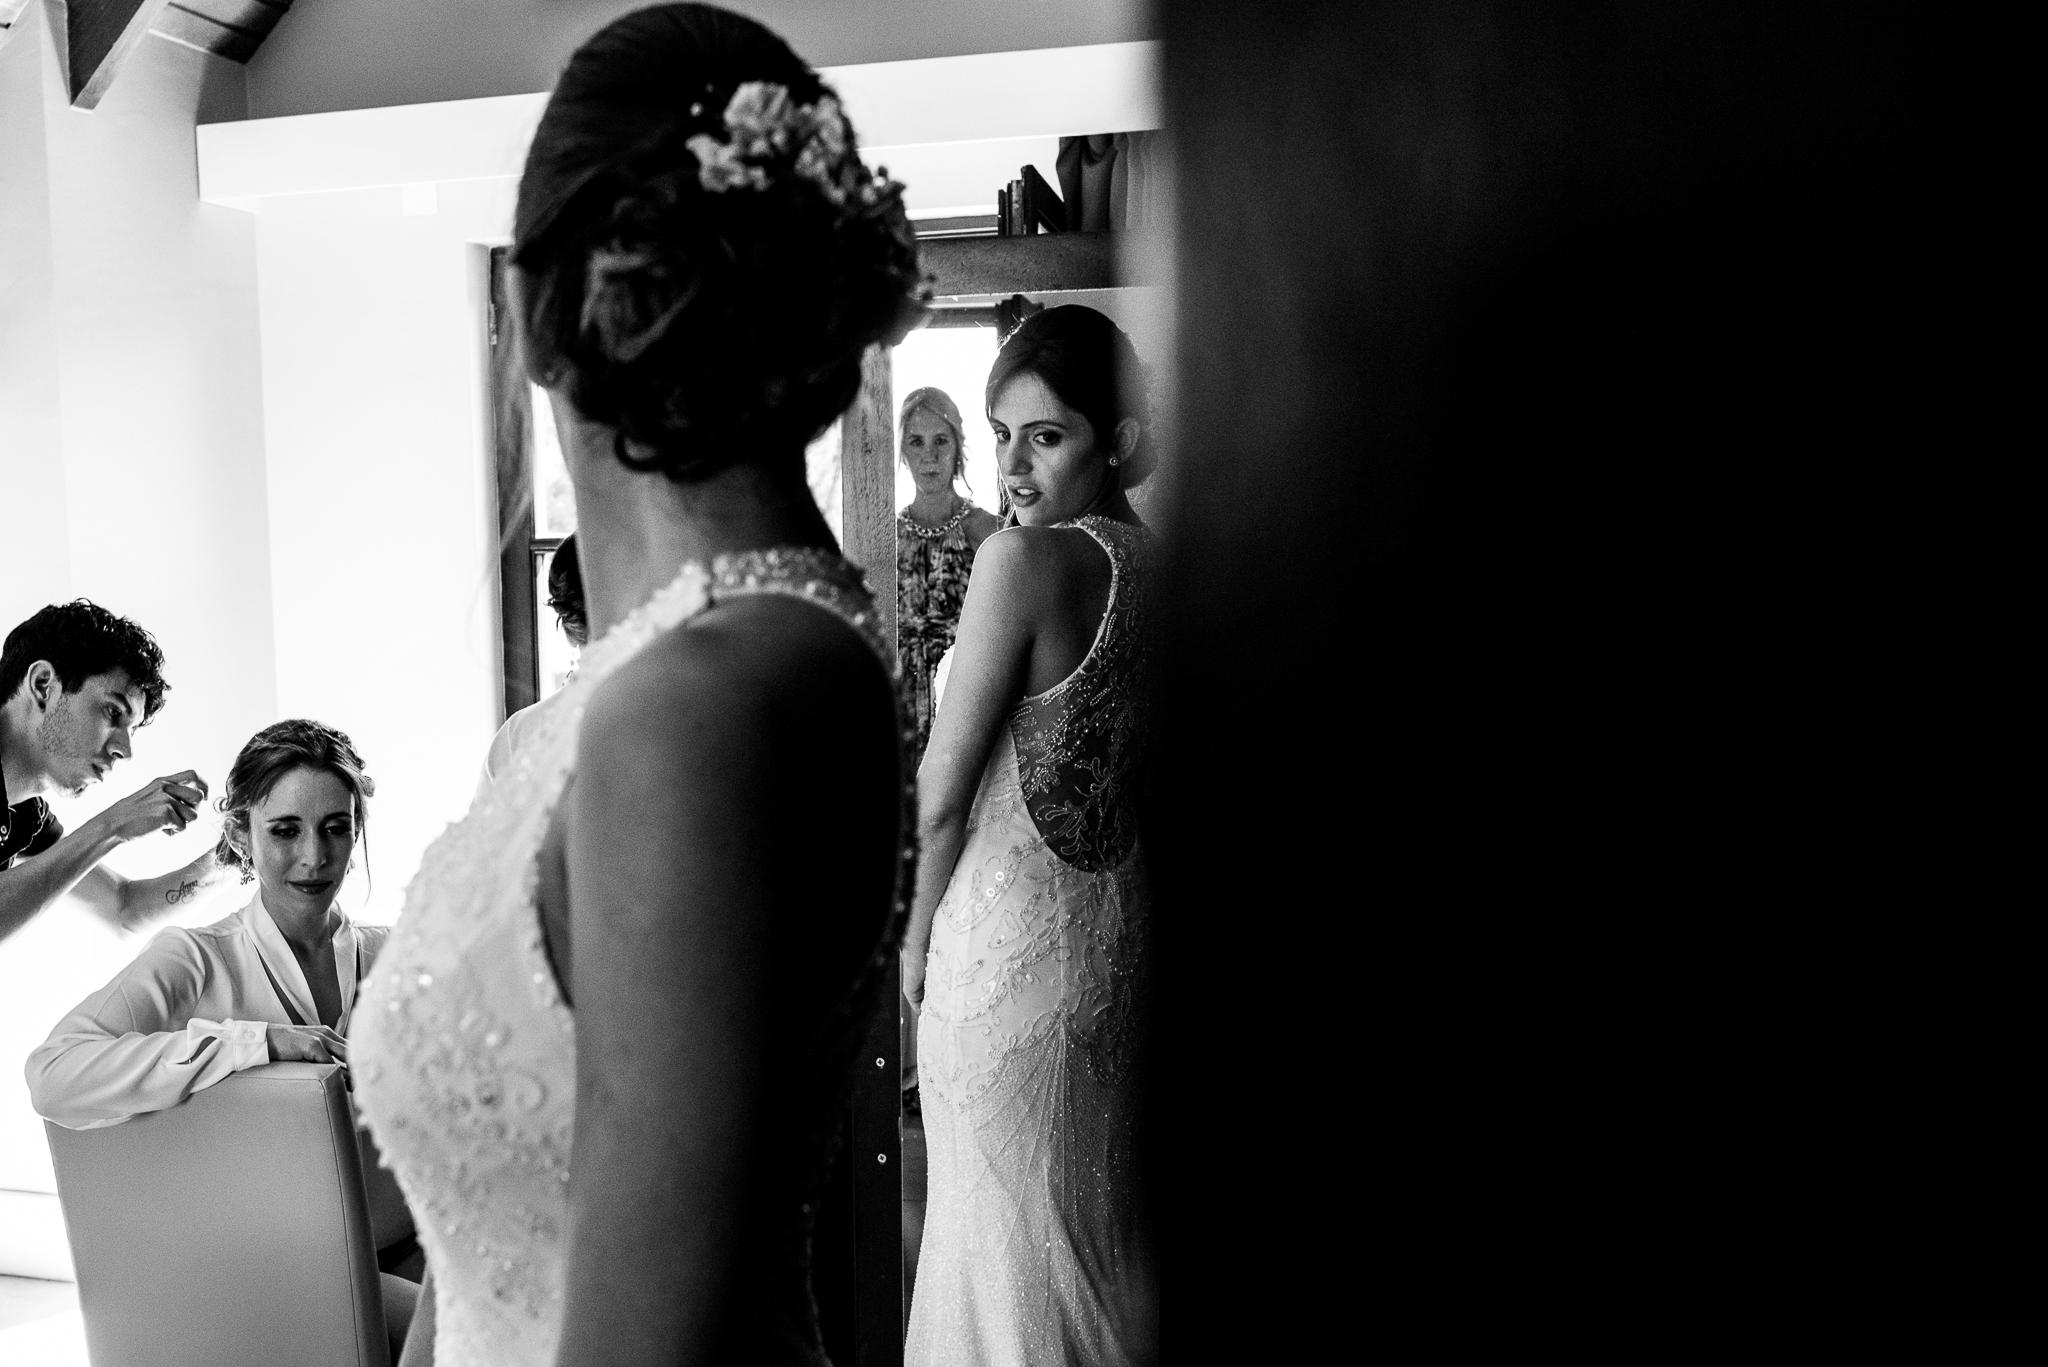 boda-bariloche-maxi-oviedo-fotografo-ramo-vestido-de-novia-13.jpg